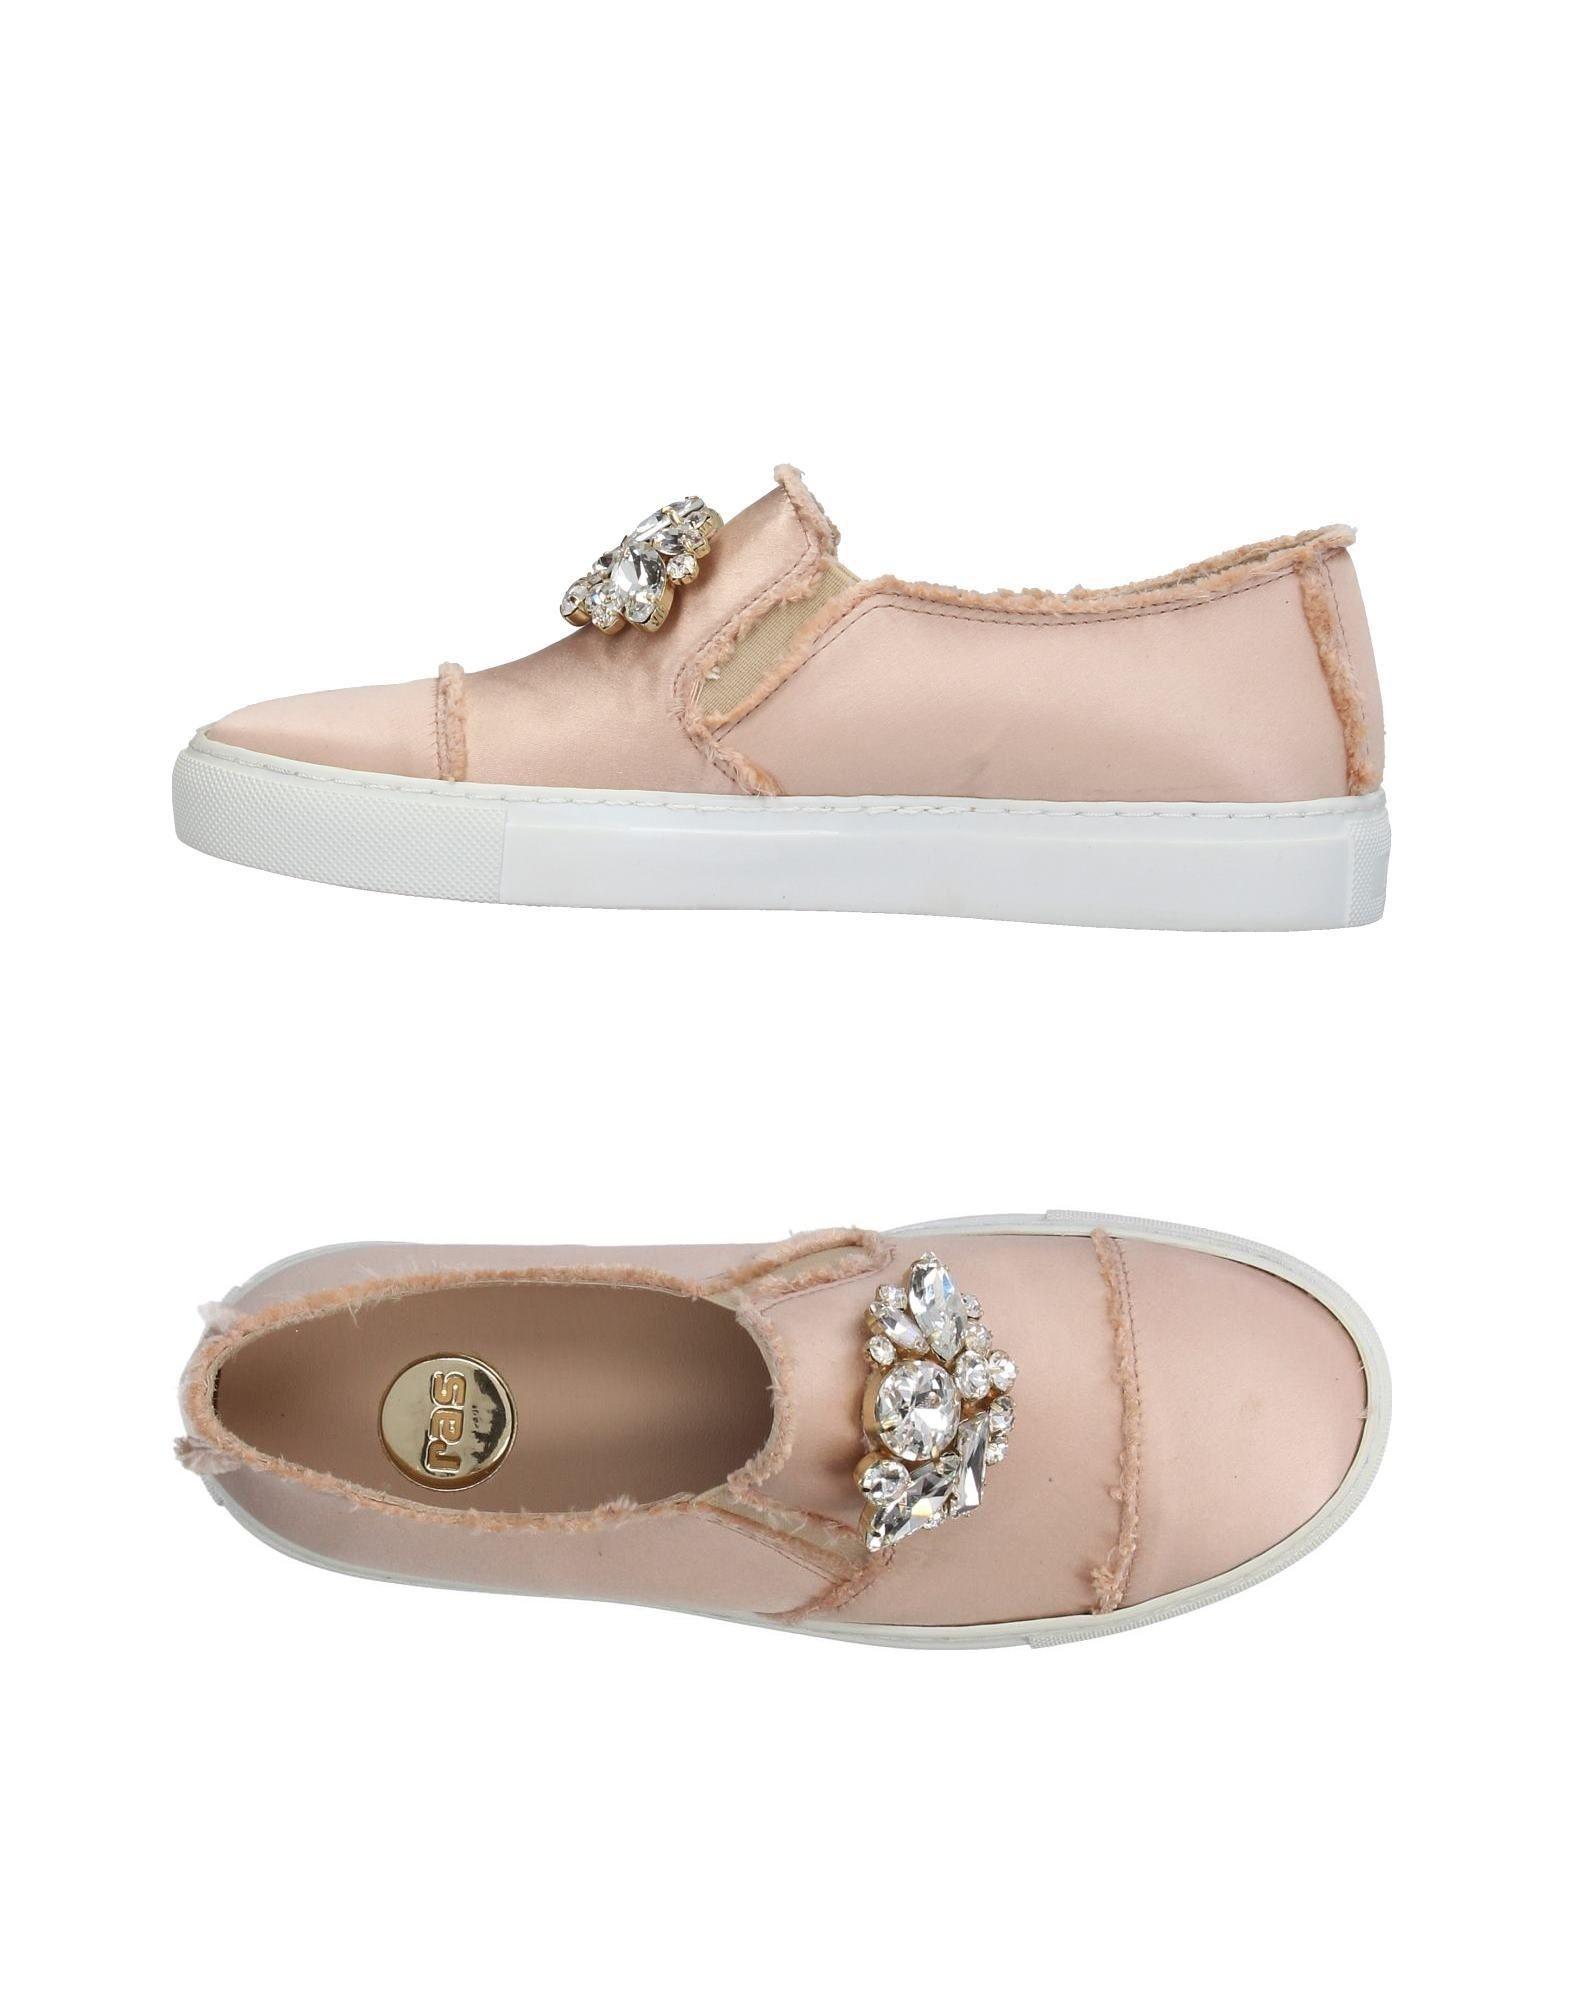 Ras Sneakers Damen  11370013MM Gute Qualität beliebte Schuhe